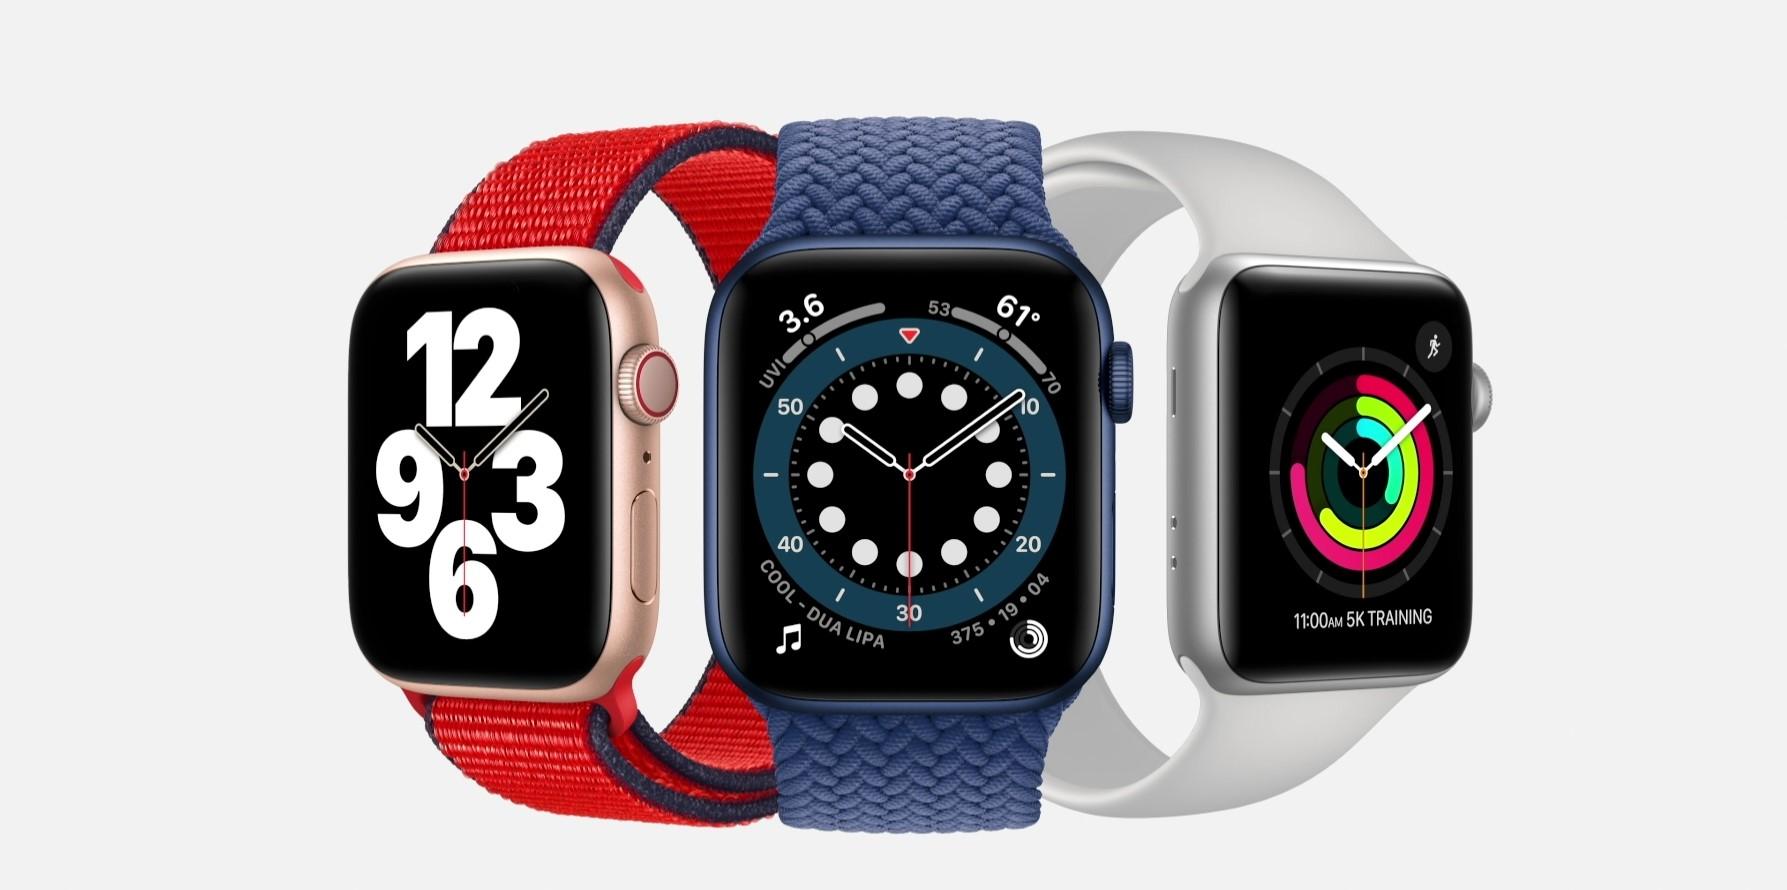 Презентация Apple 2020: собрали все о новых продуктах компании